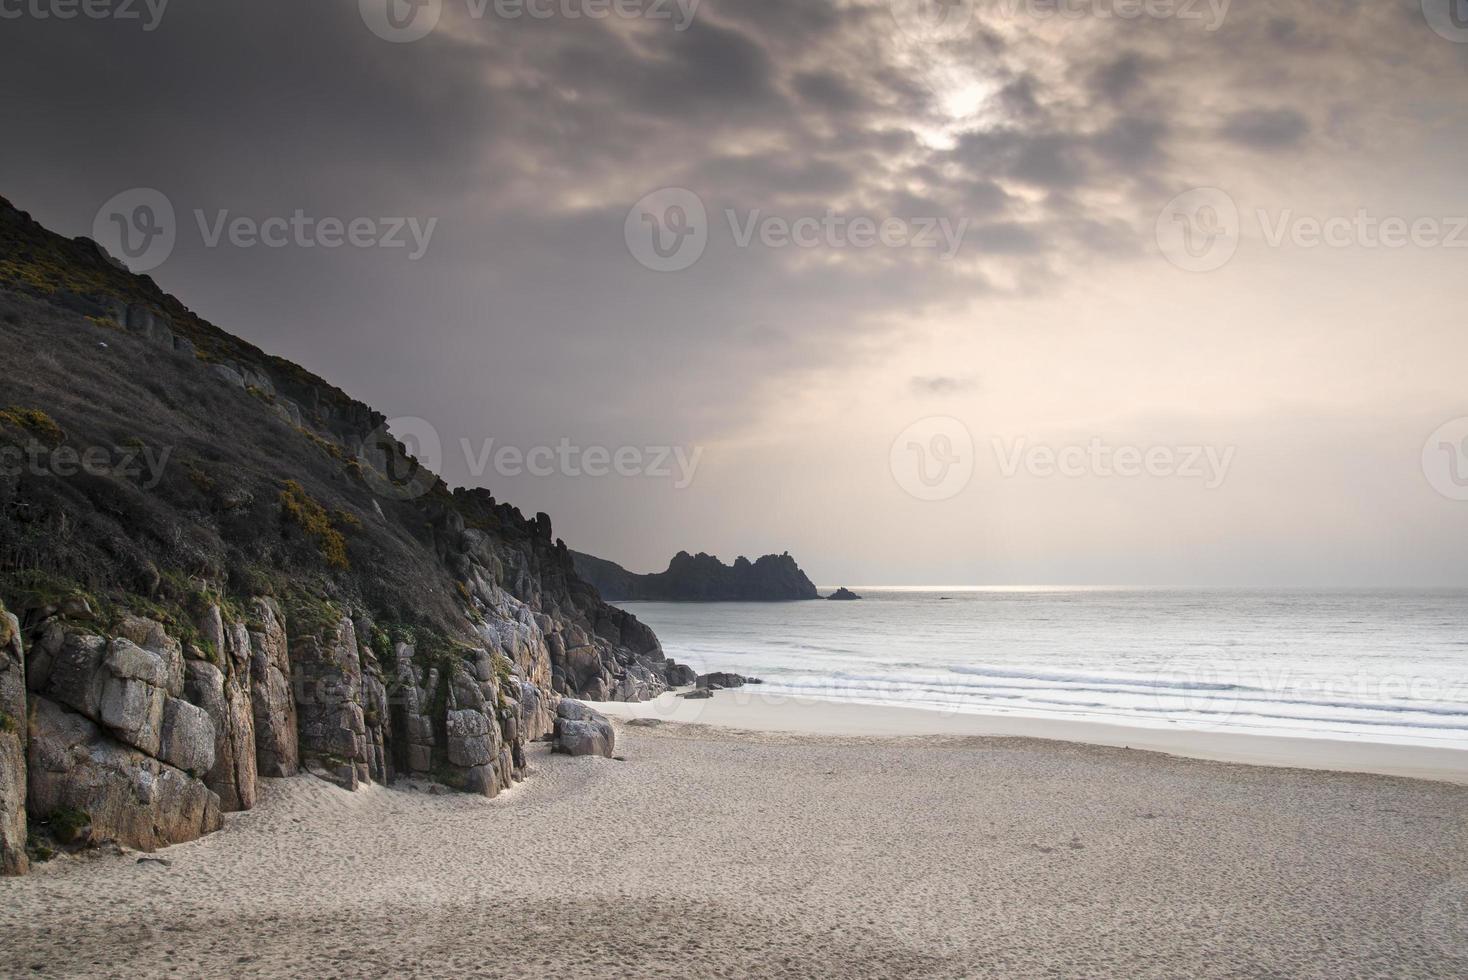 Porthcurno yellow sand beach before sunset photo